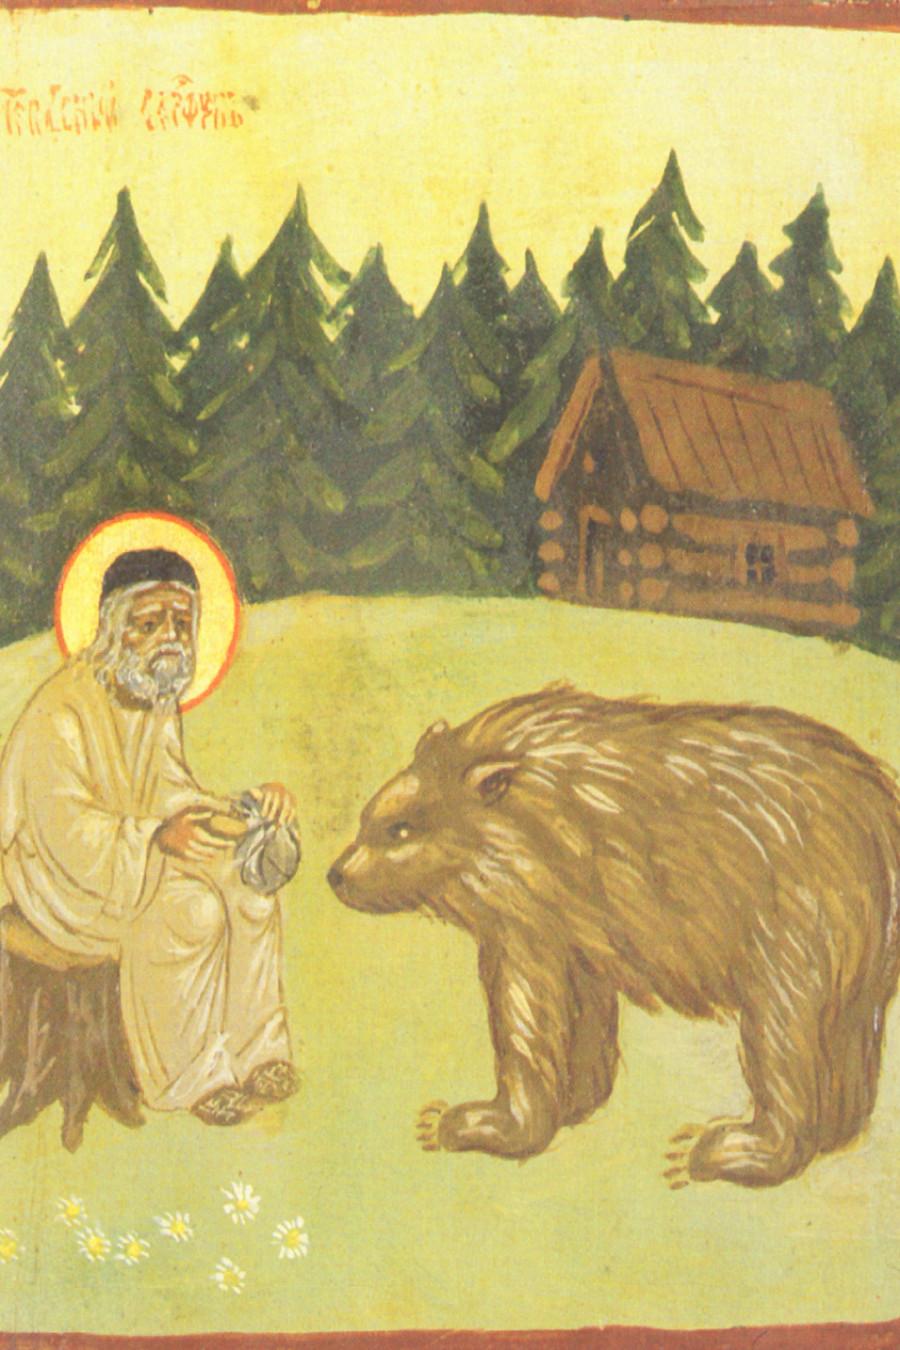 Преподобный Серафим Саровский с медведем. Середина 1970-х